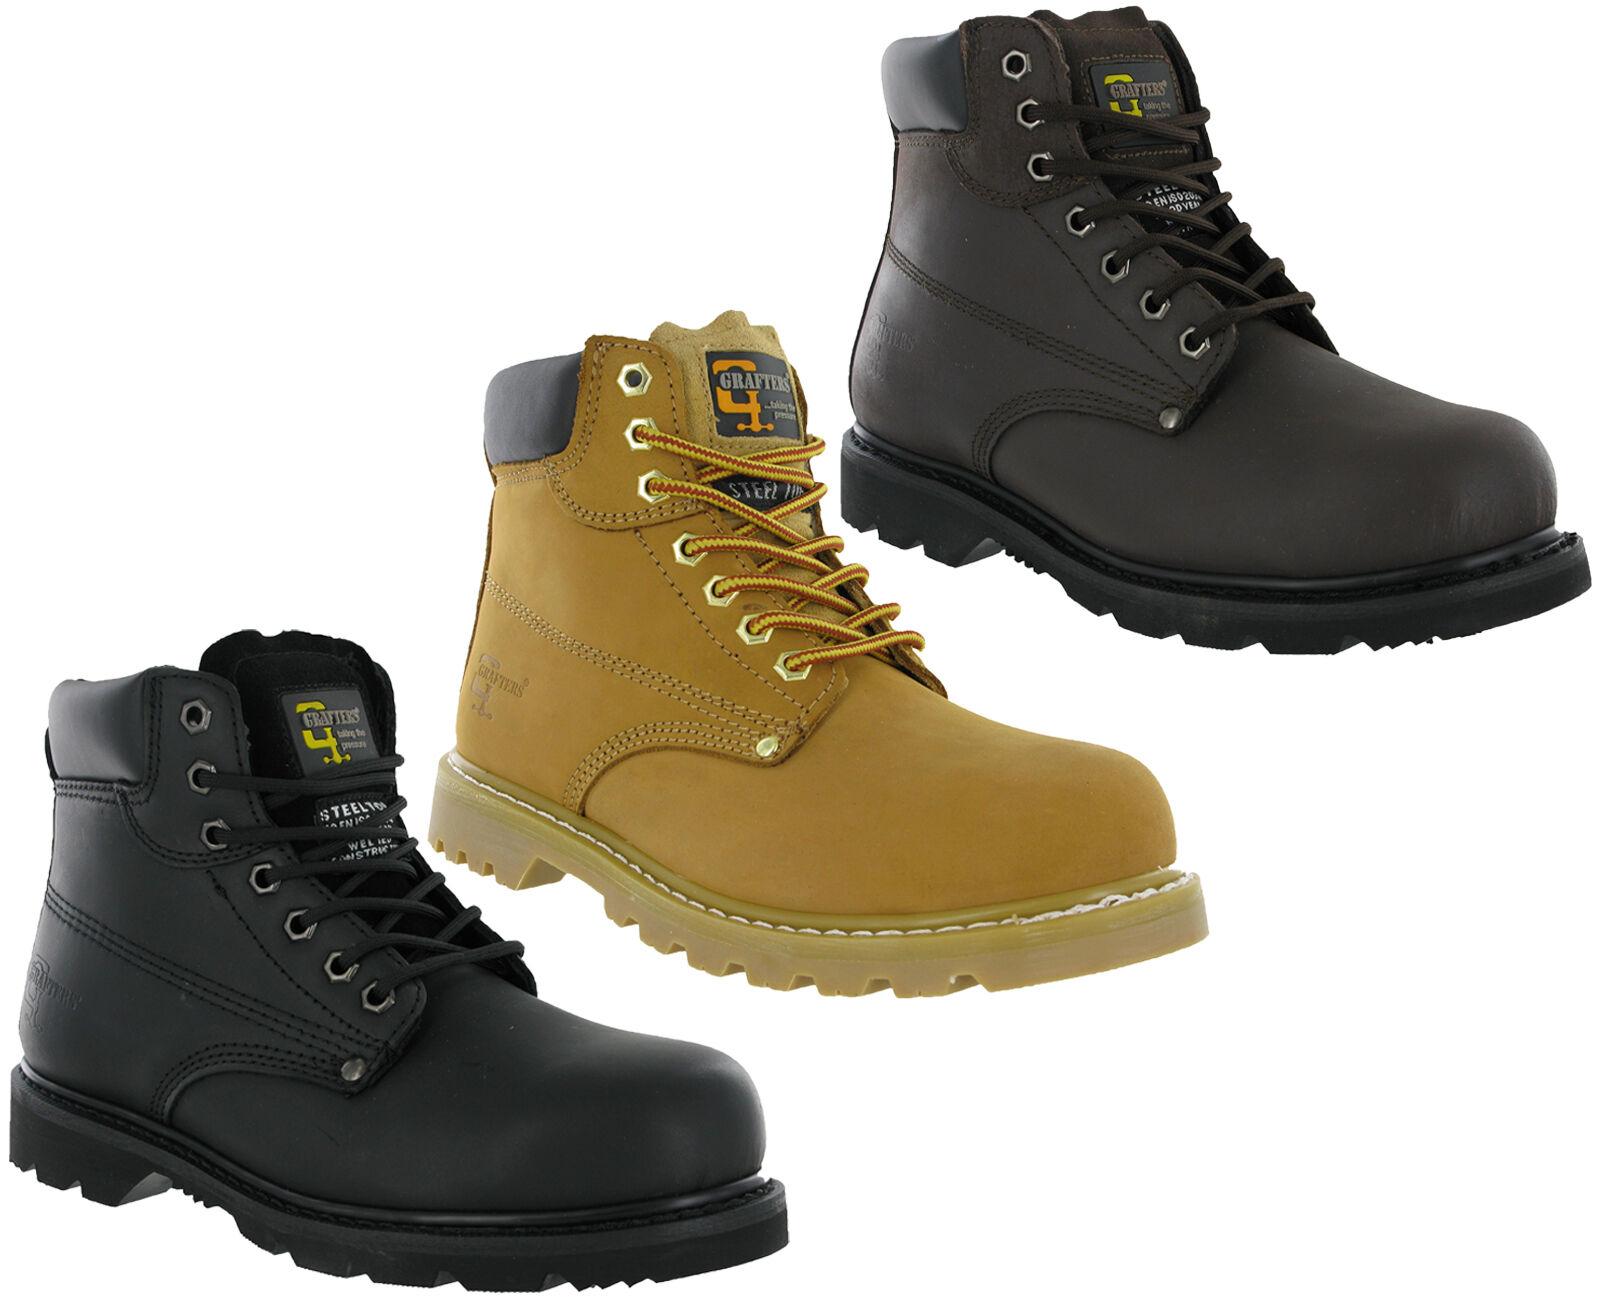 Grafters Stiefel mit Stahlkappen Knöchel gepolsteter Sicherheit